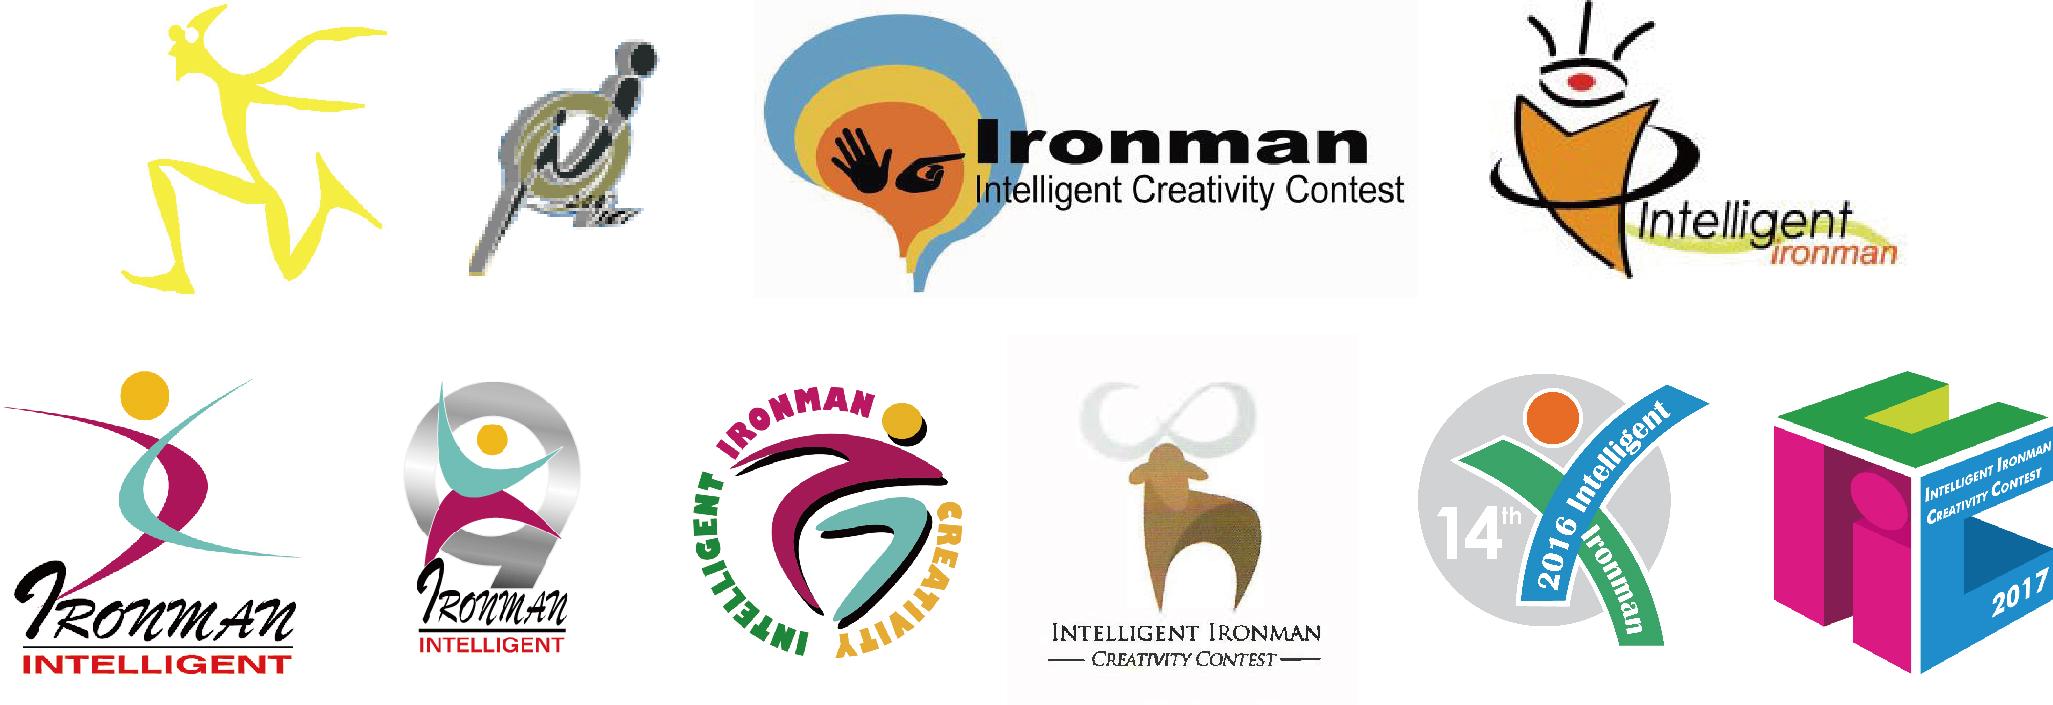 歷屆Logo 傳達智鐵競賽理念